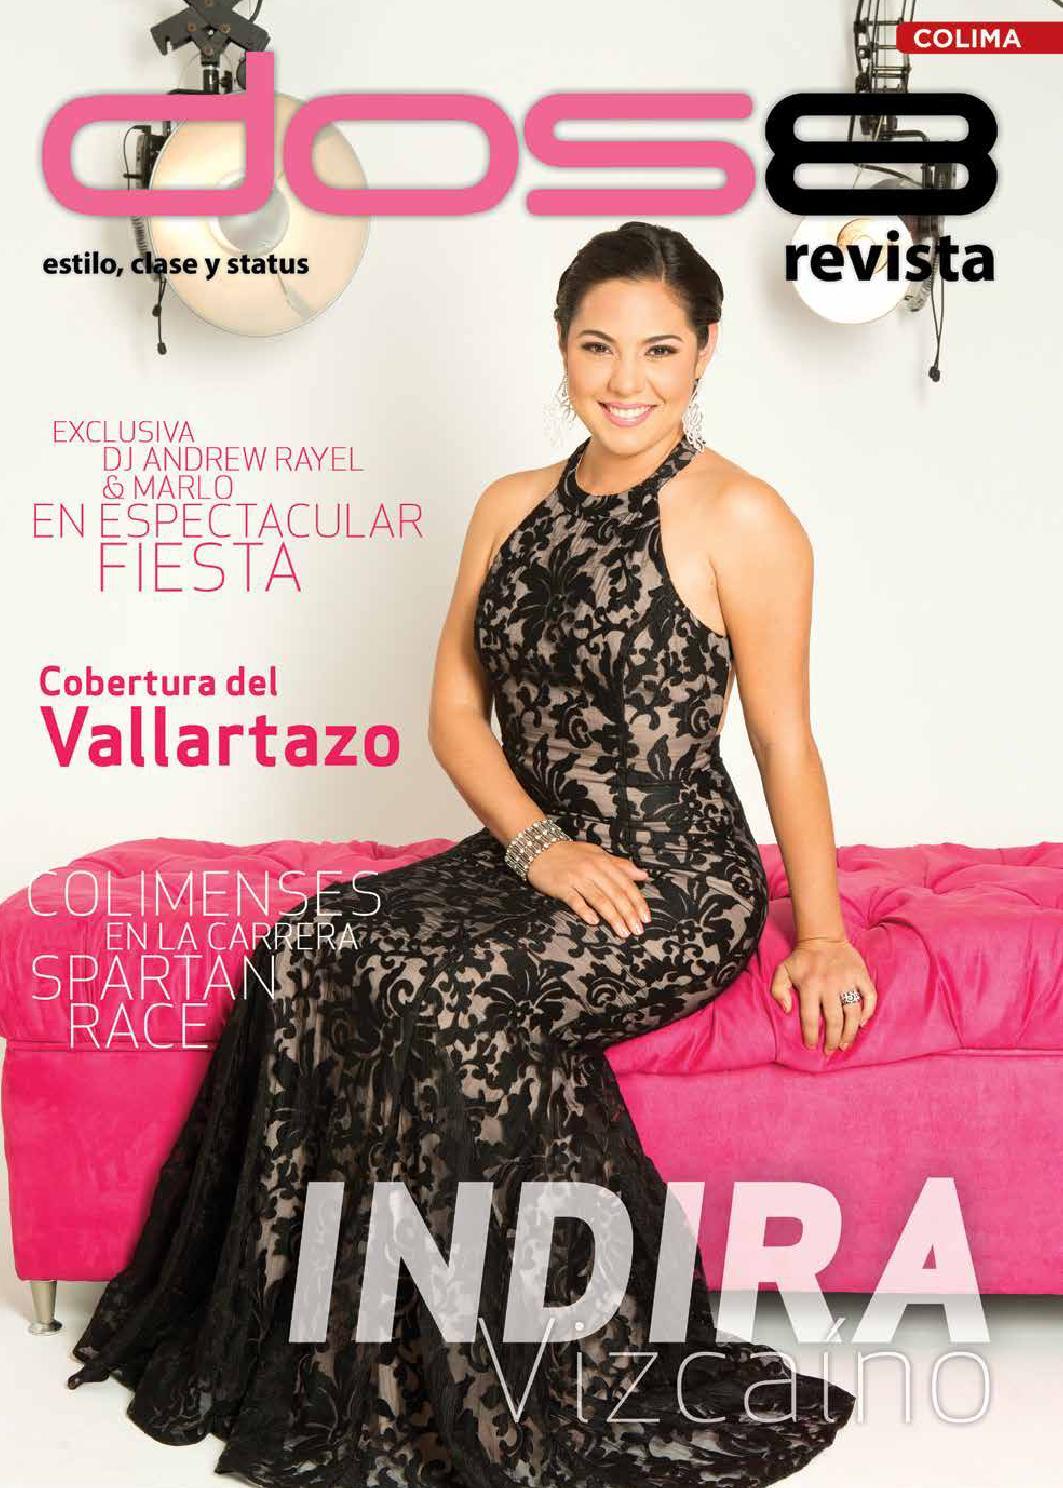 ISSUU - Dos8 colima 116 by Revista dos8